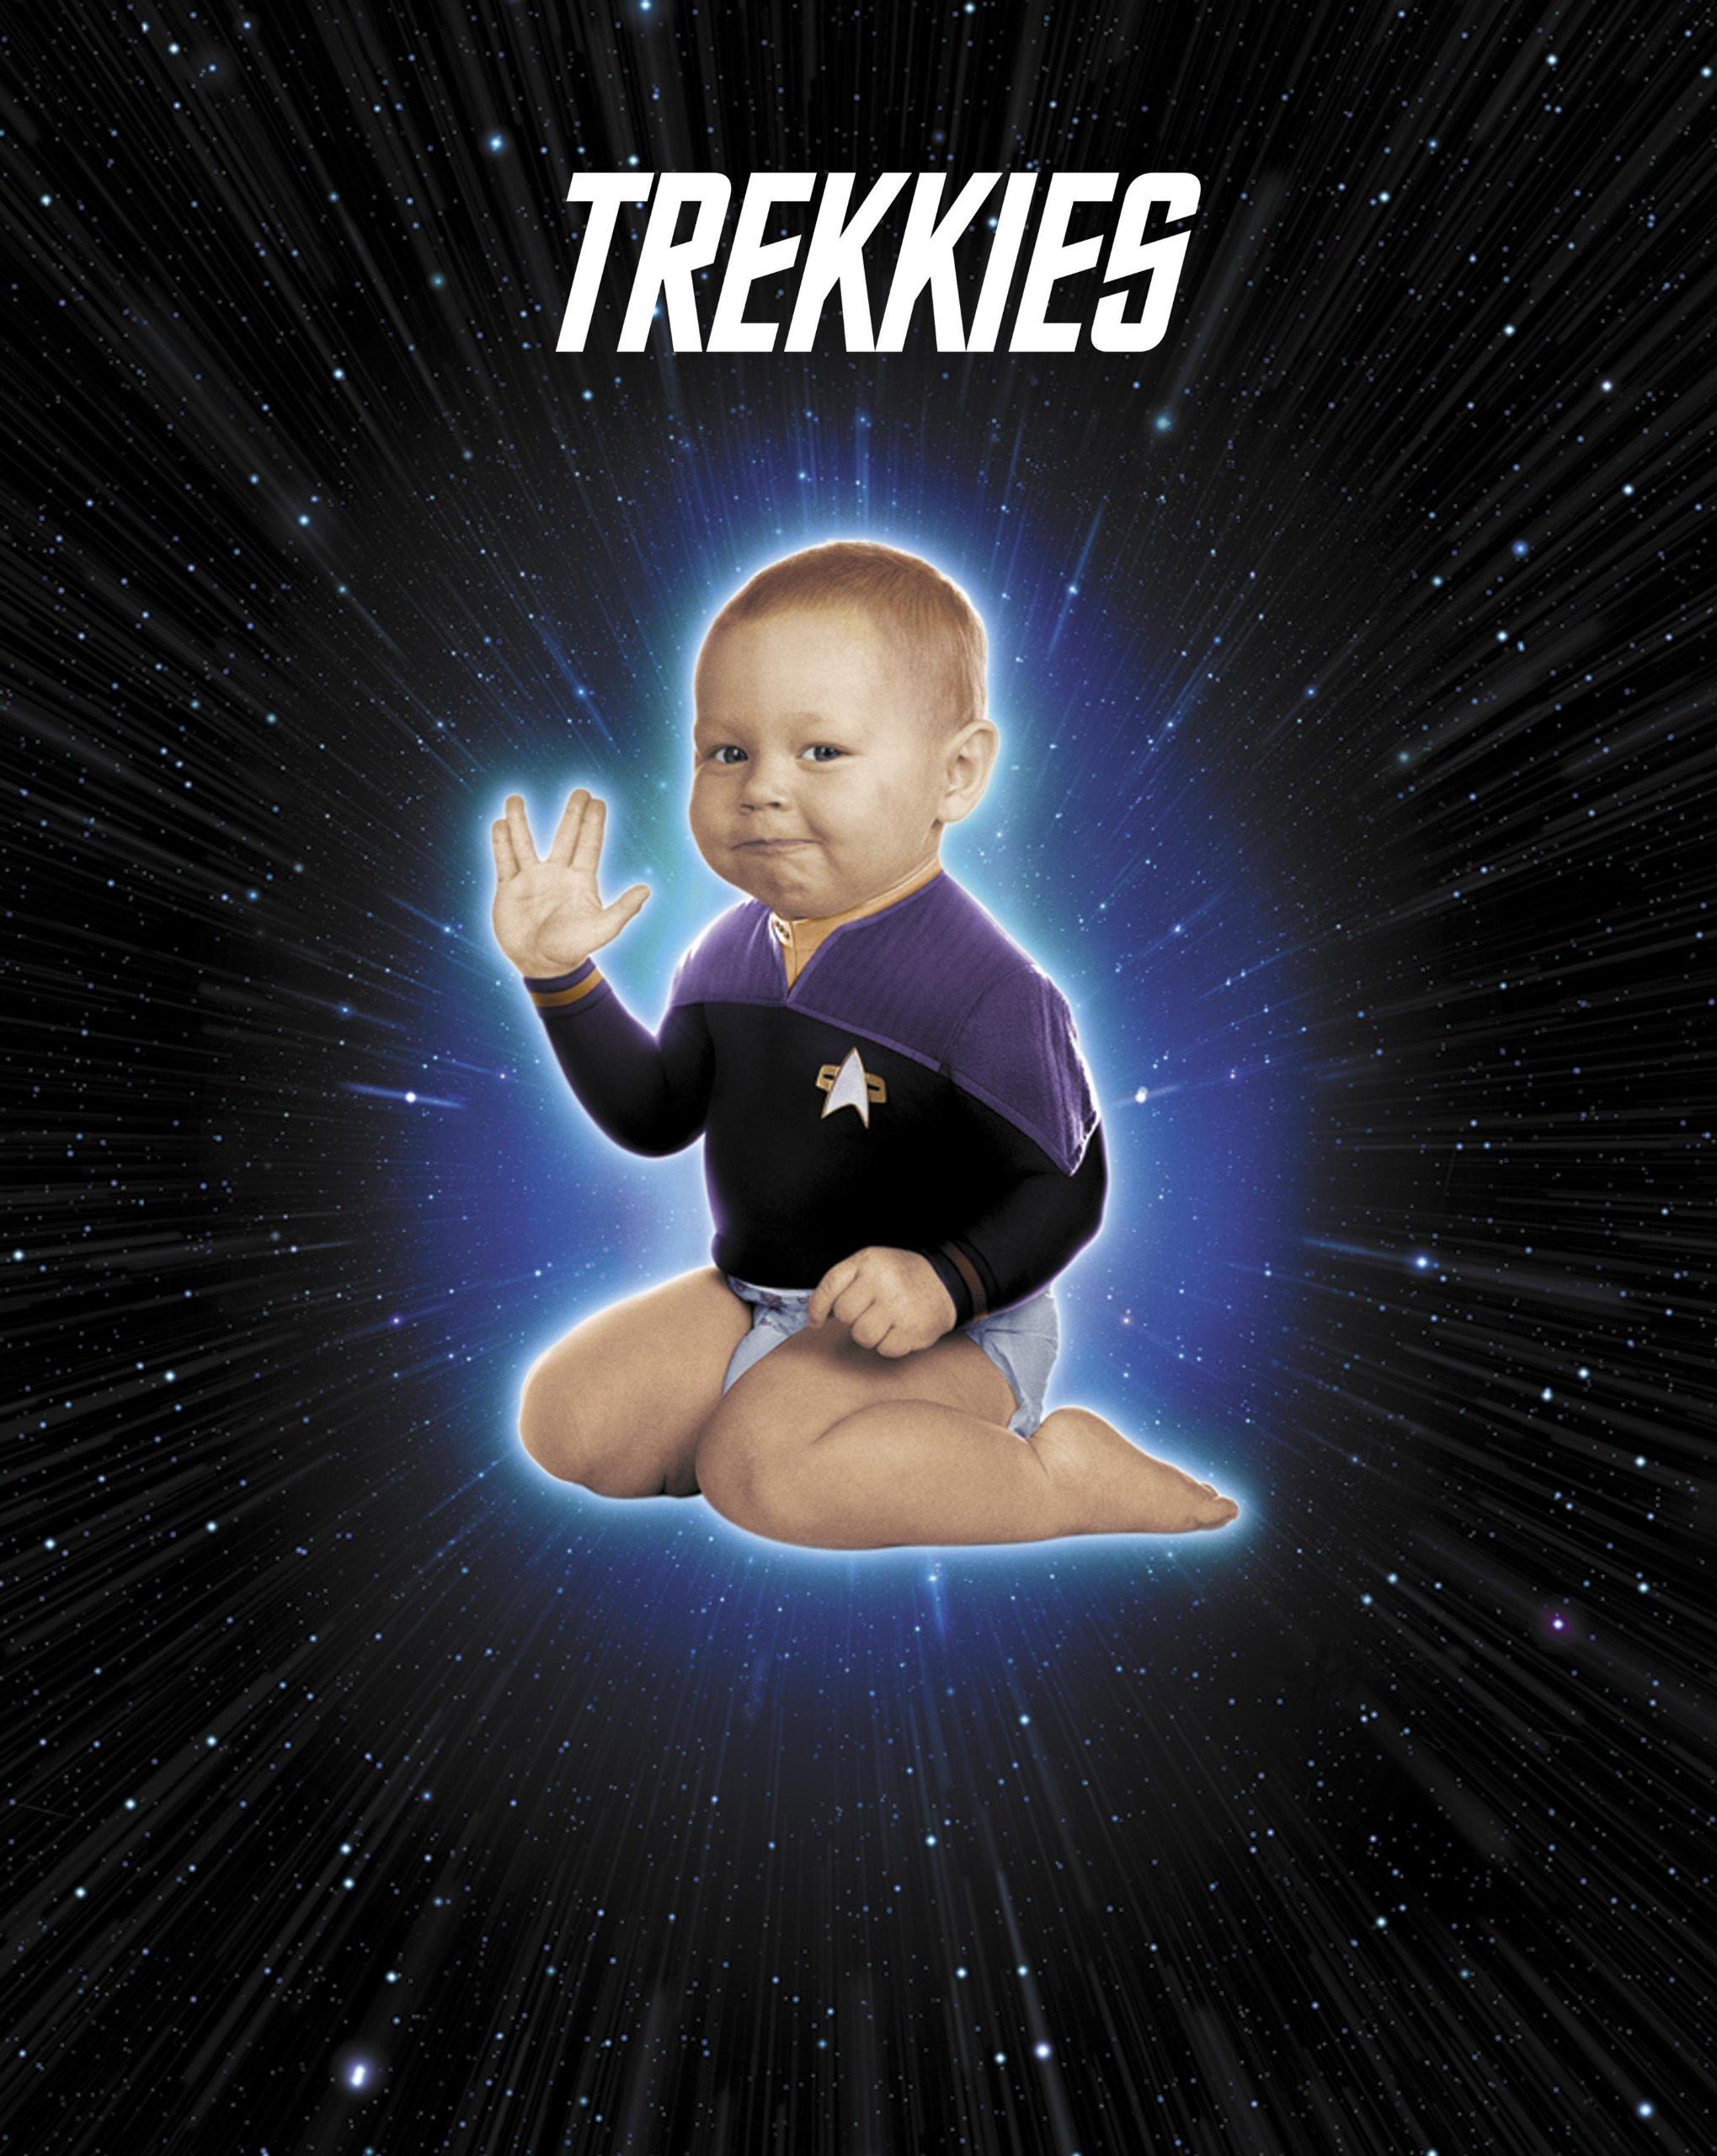 STAR TREK - Página 2 91SWGXQDo3L._RI_